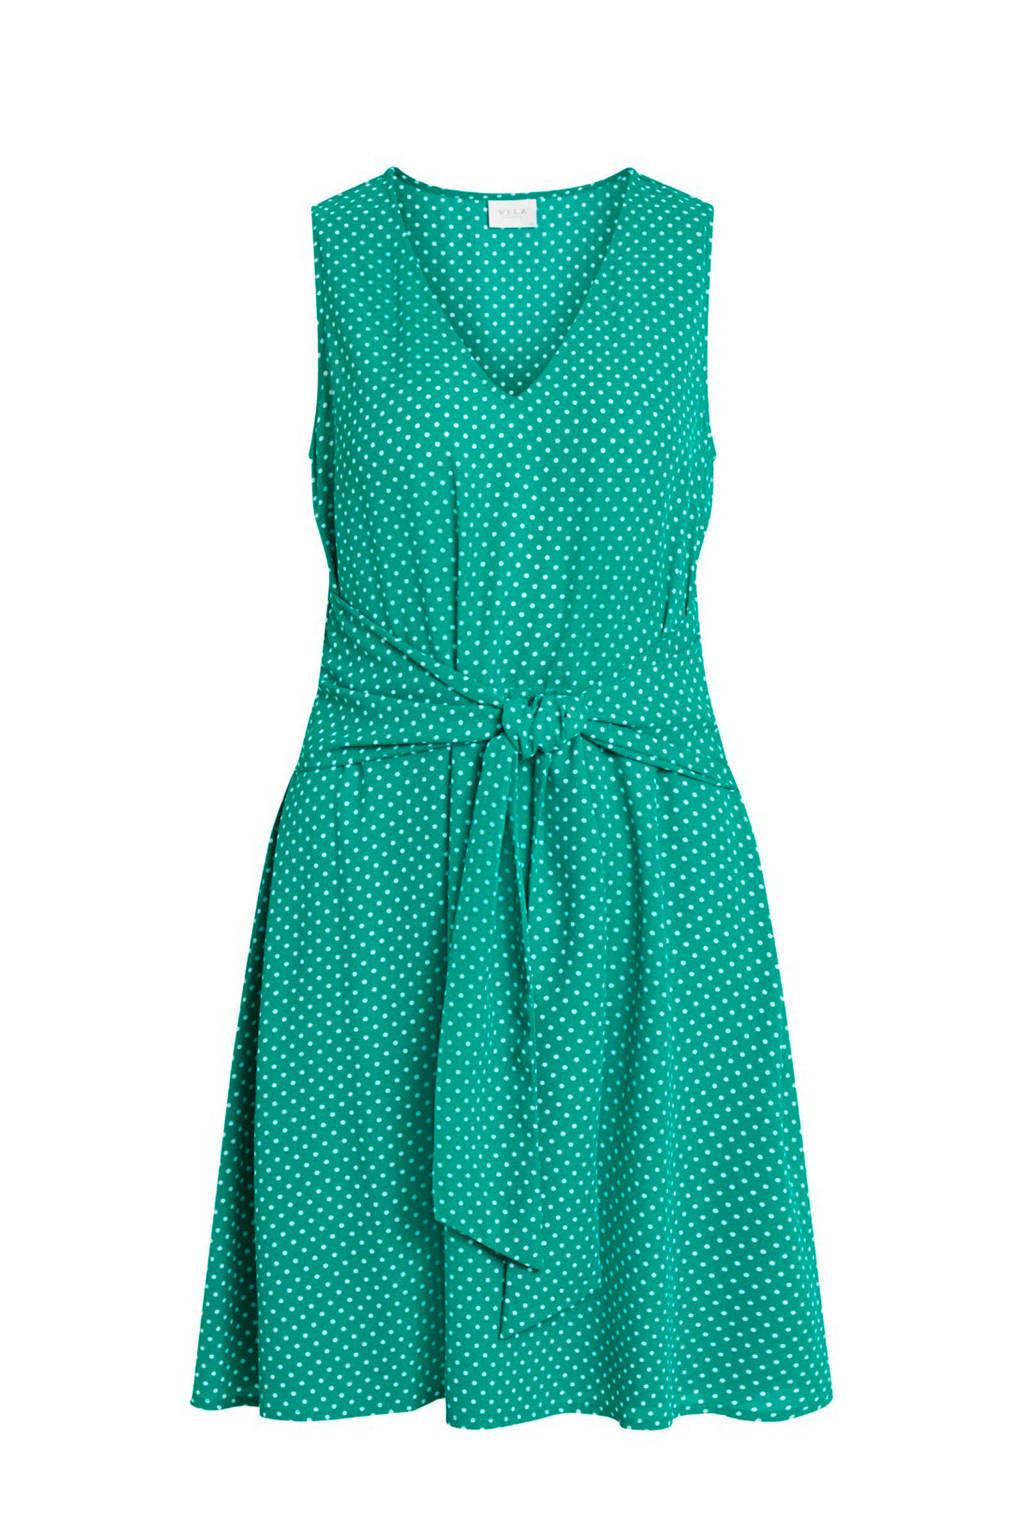 VILA jurk met stippen groen, Groen